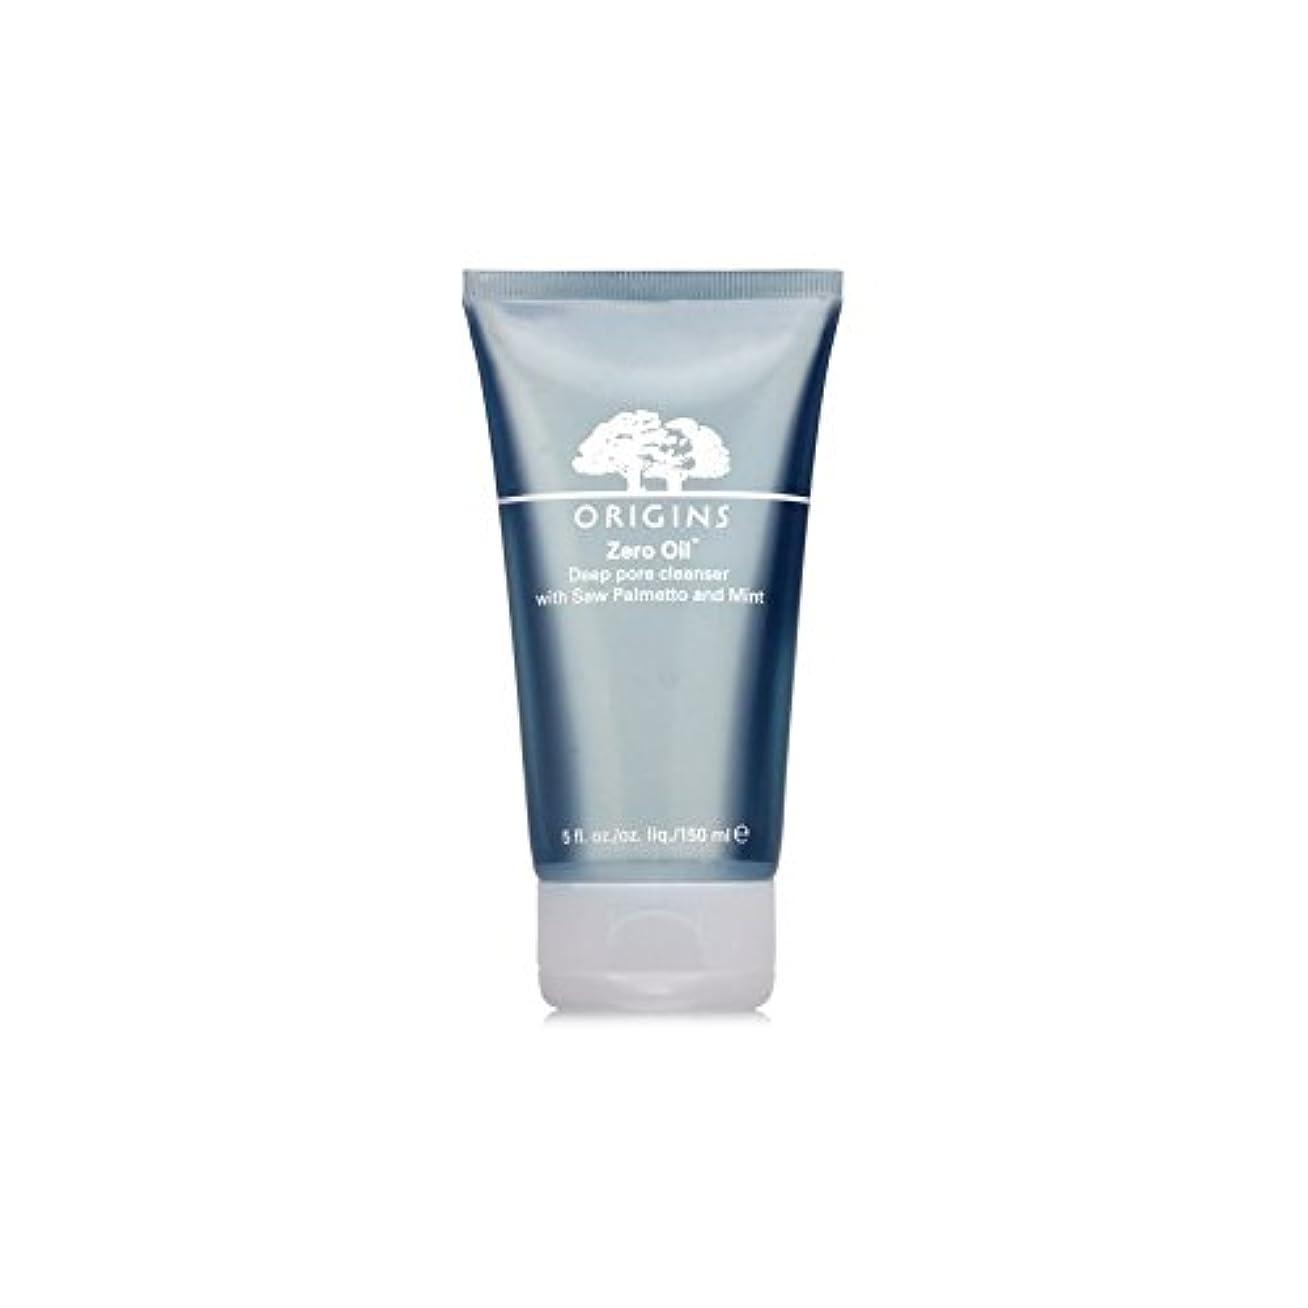 香水哲学博士注目すべきOrigins Zero Oil Deep Pore Cleanser With Saw Palmetto & Mint 150ml (Pack of 6) - ノコギリヤシ&ミント150ミリリットルとの起源ゼロ油深いポアクレンザー...